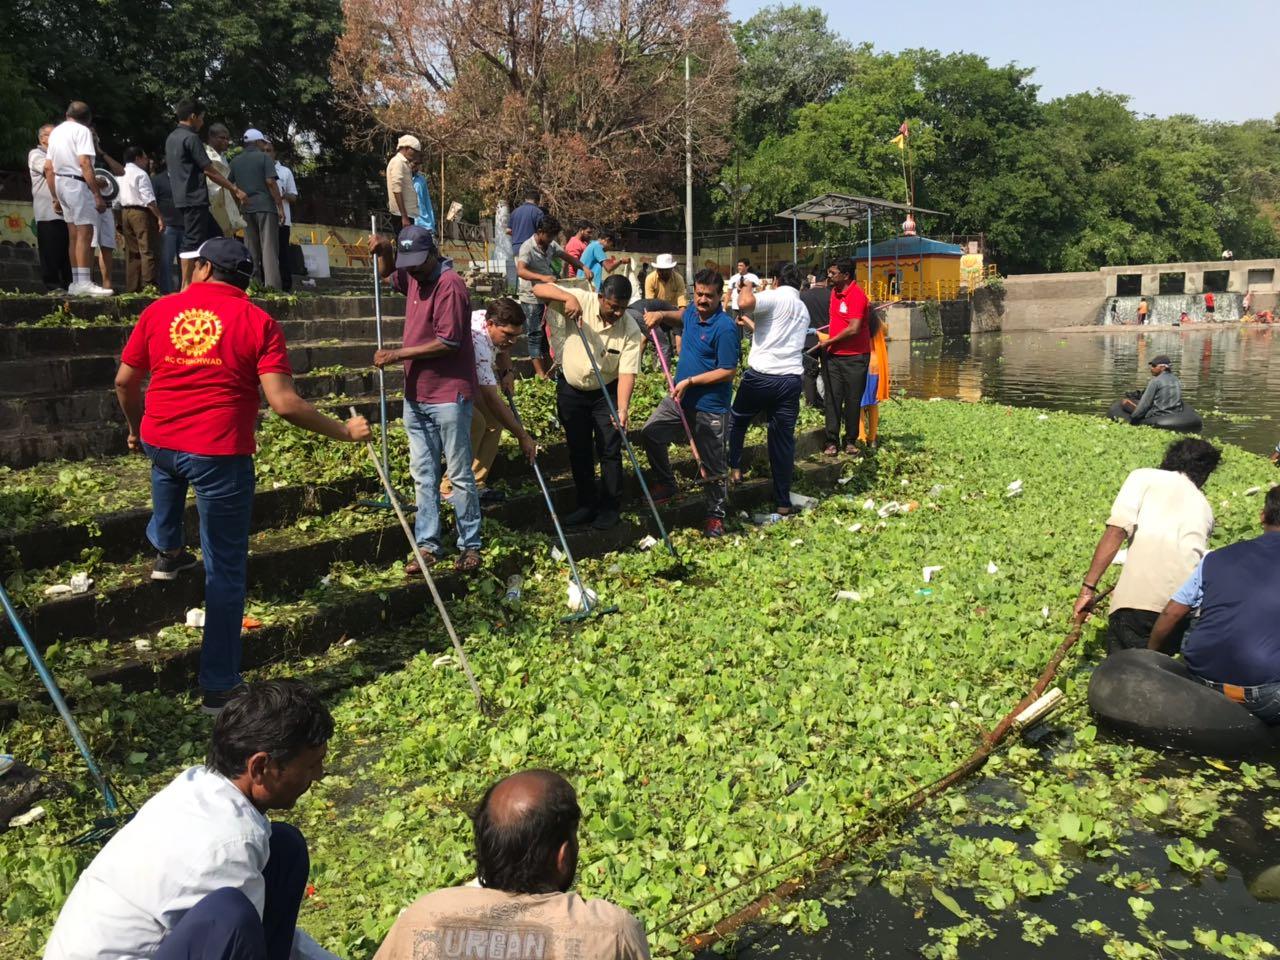 पवना जलपर्णीमुक्त अभियानांतंर्गत 2 ट्रक जलपर्णी काढली